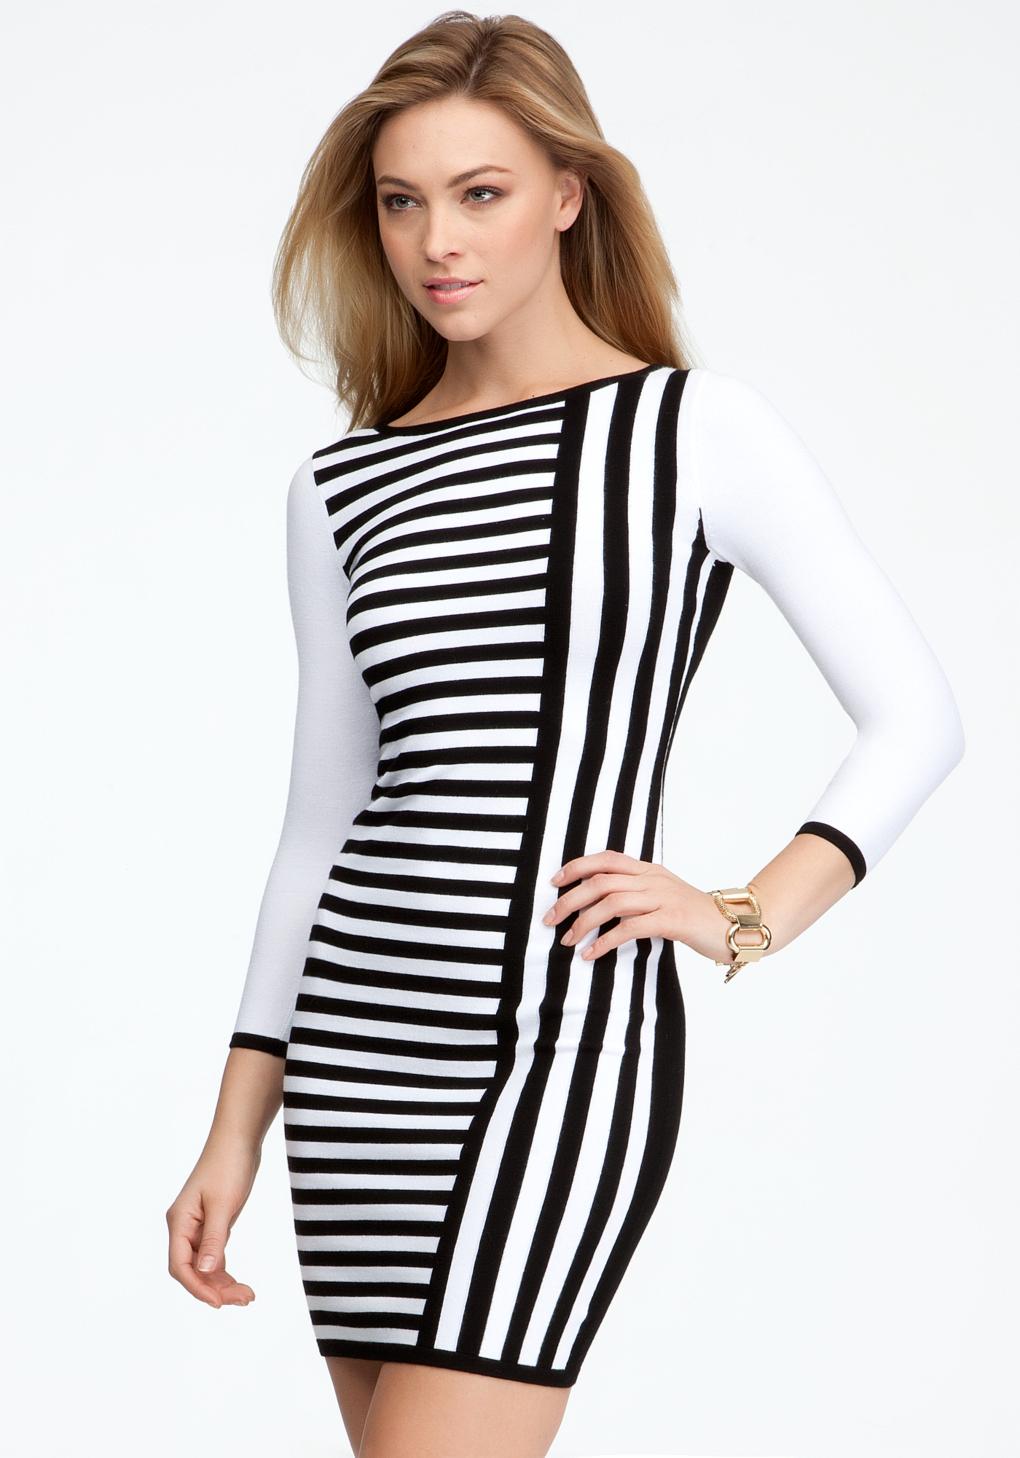 9252c00c66 Bebe Contrast Stripe Sweater Dress in White - Lyst